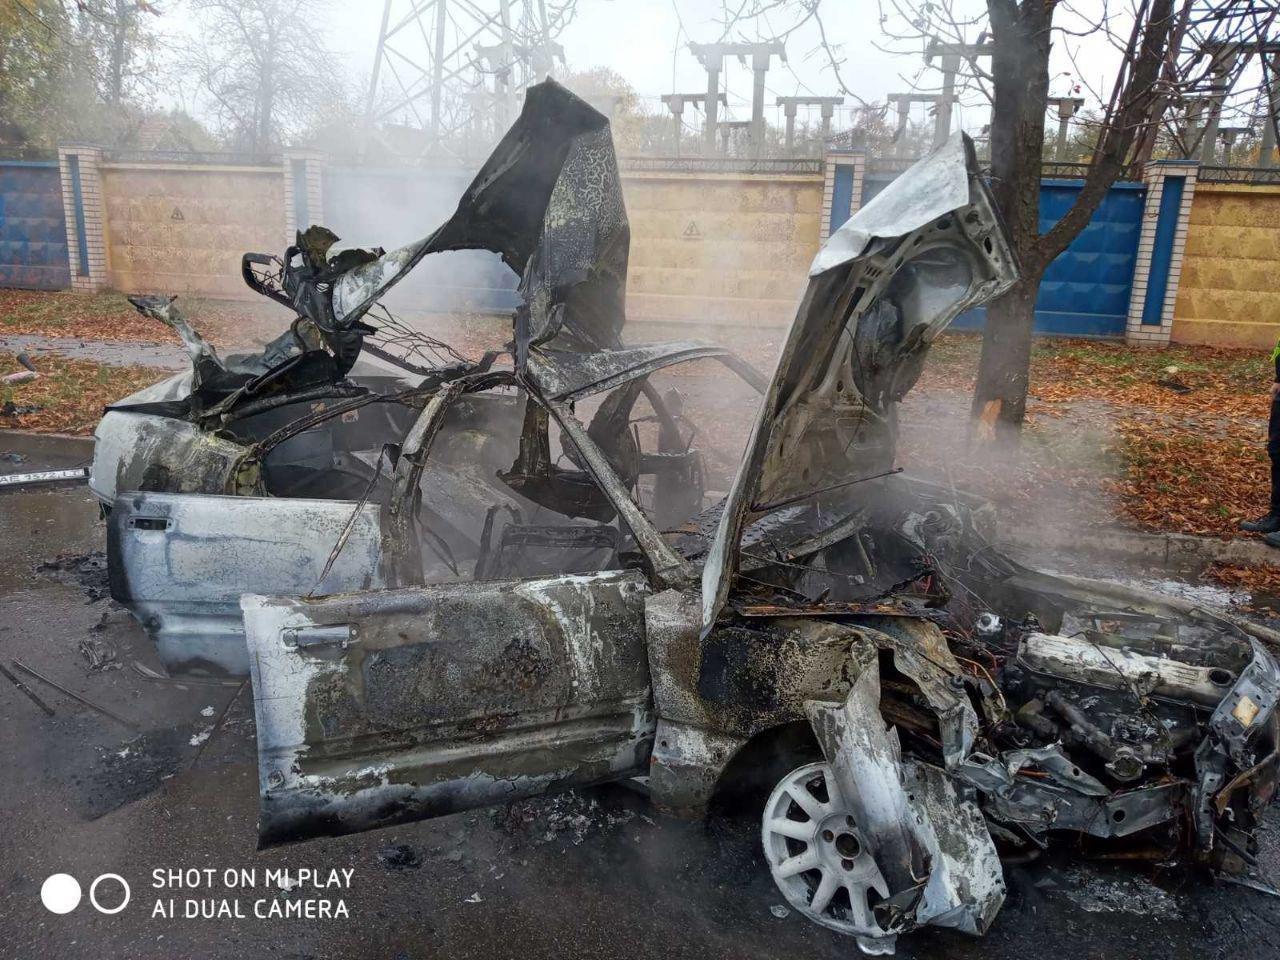 После столкновения с деревом в Кривом Роге сгорела иномарка. Водитель госпитализирована, - ФОТО, ВИДЕО, фото-1